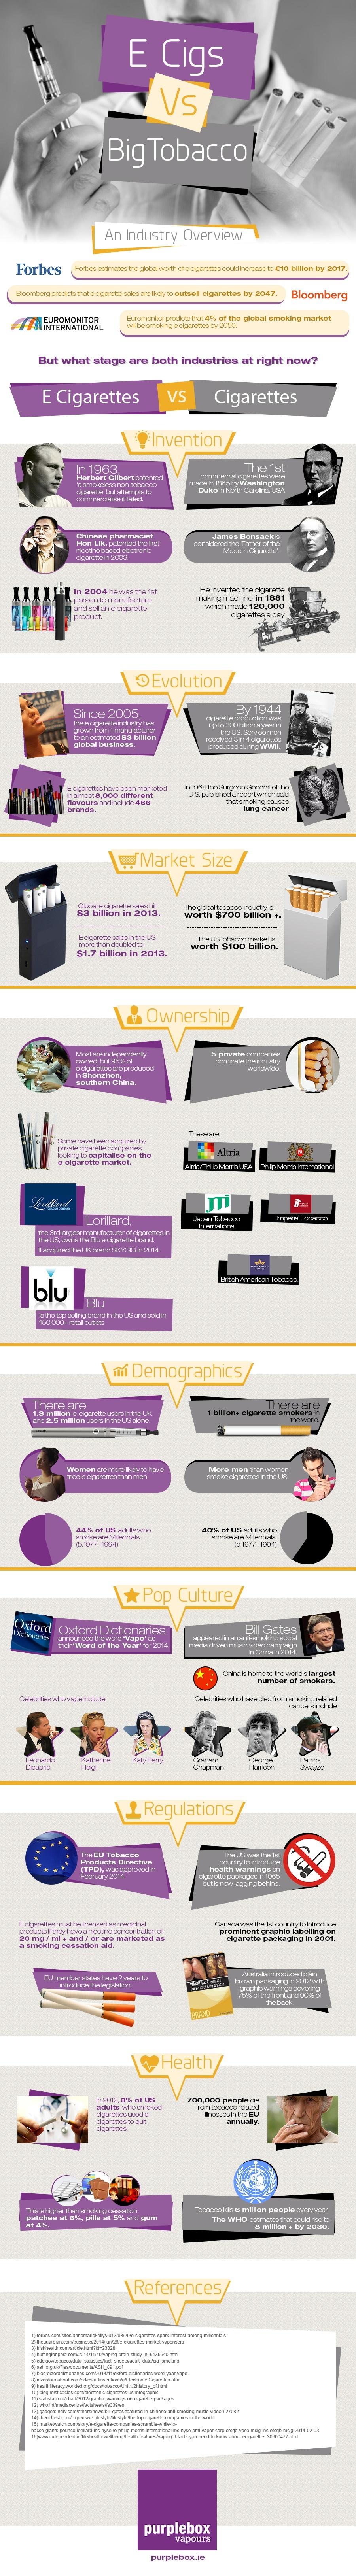 E Cigarettes Vs. Big Tobacco, Global Industry Comparison